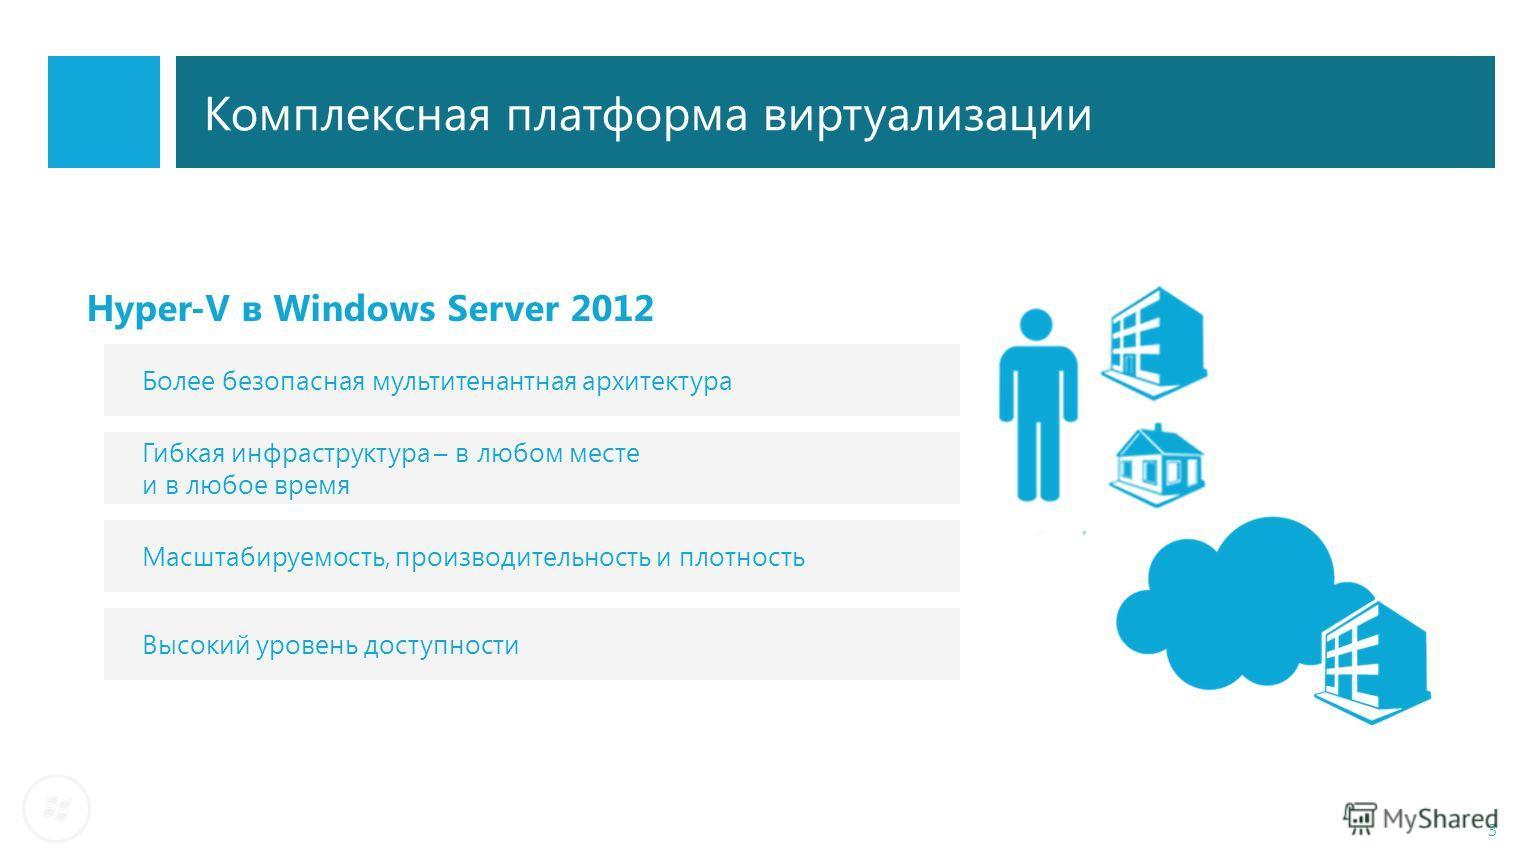 3 Комплексная платформа виртуализации Более безопасная мультитенантная архитектура Гибкая инфраструктура – в любом месте и в любое время Масштабируемость, производительность и плотность Высокий уровень доступности Hyper-V в Windows Server 2012